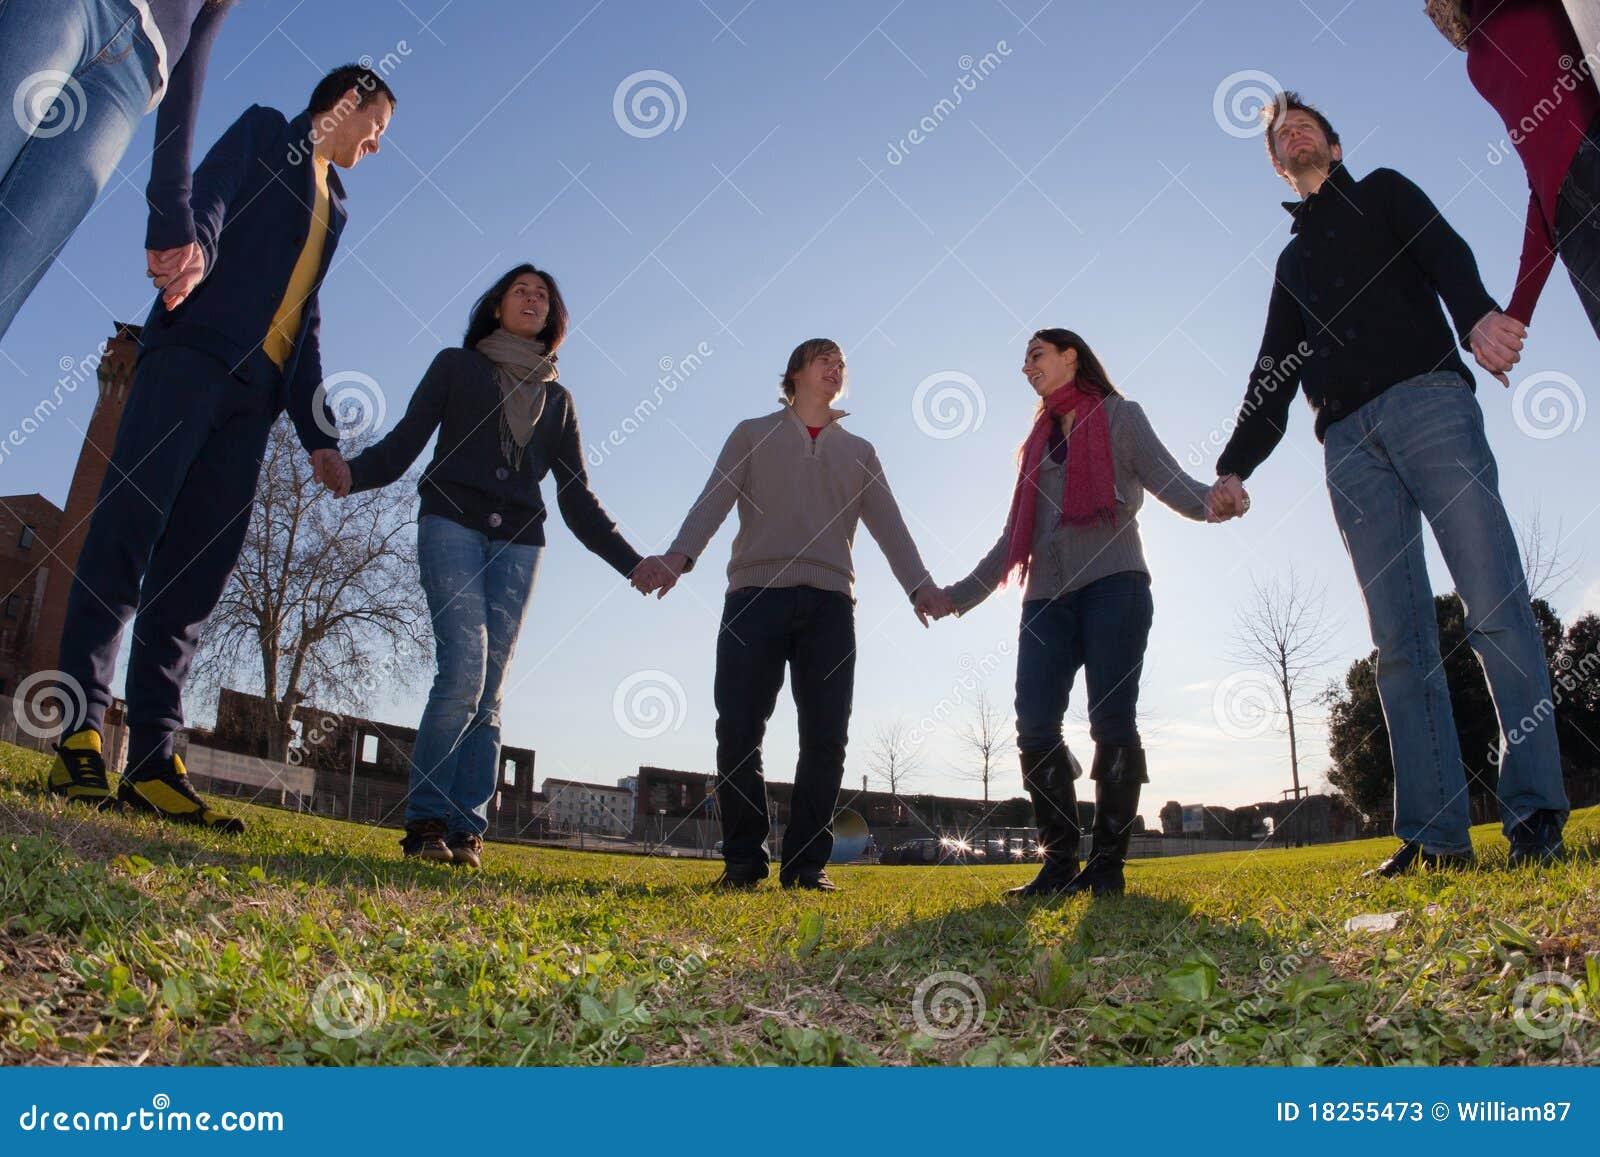 Groupe de personnes en cercle